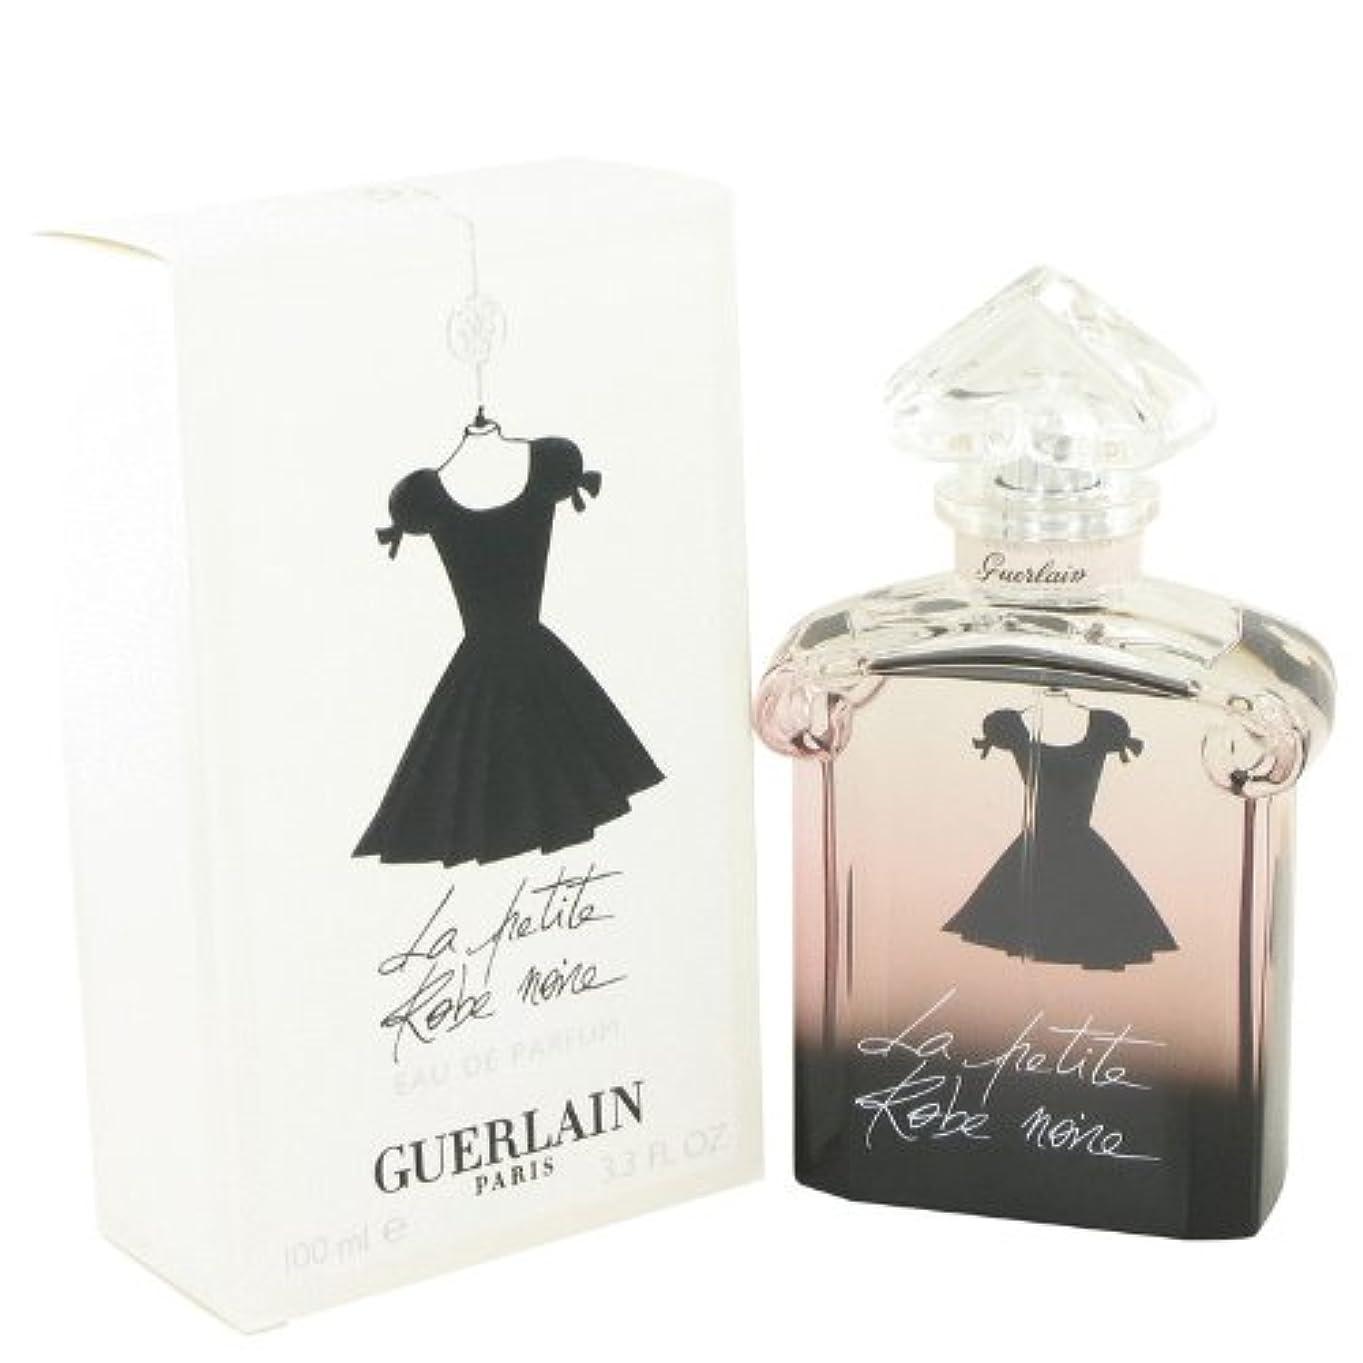 真実破壊割るLa Petite Robe Noire (ラ プティ ローブ ノアー) 6.7 oz (200ml) Body Milk by Guerlain for Women